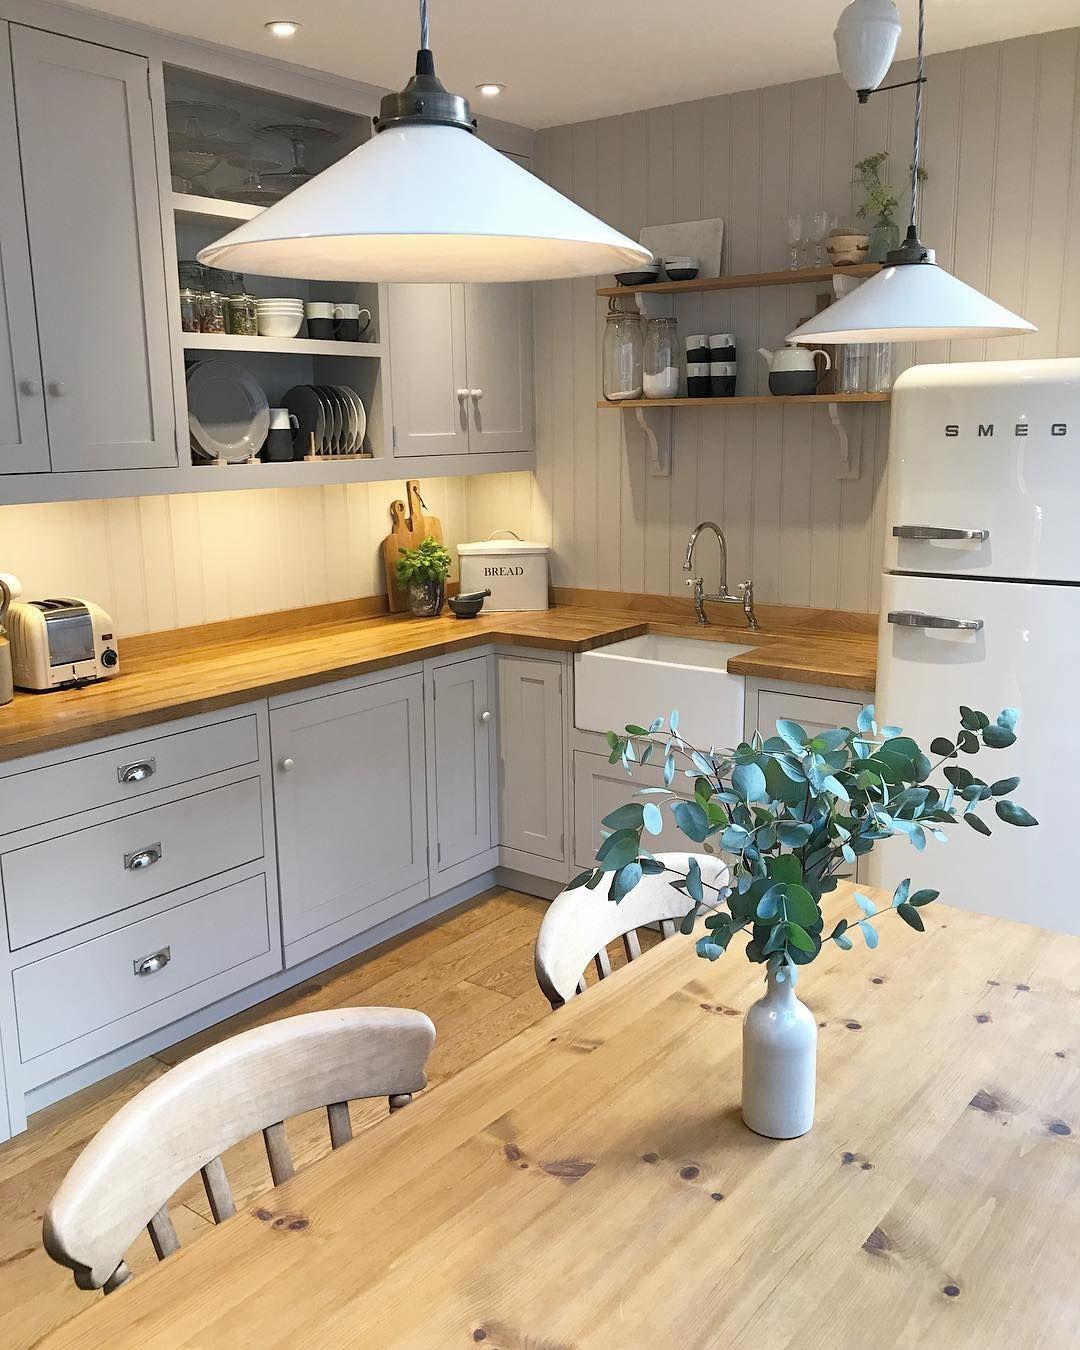 Pin von Lydia E. K. auf Kitchen | Pinterest | Küche, Landhausküche ...